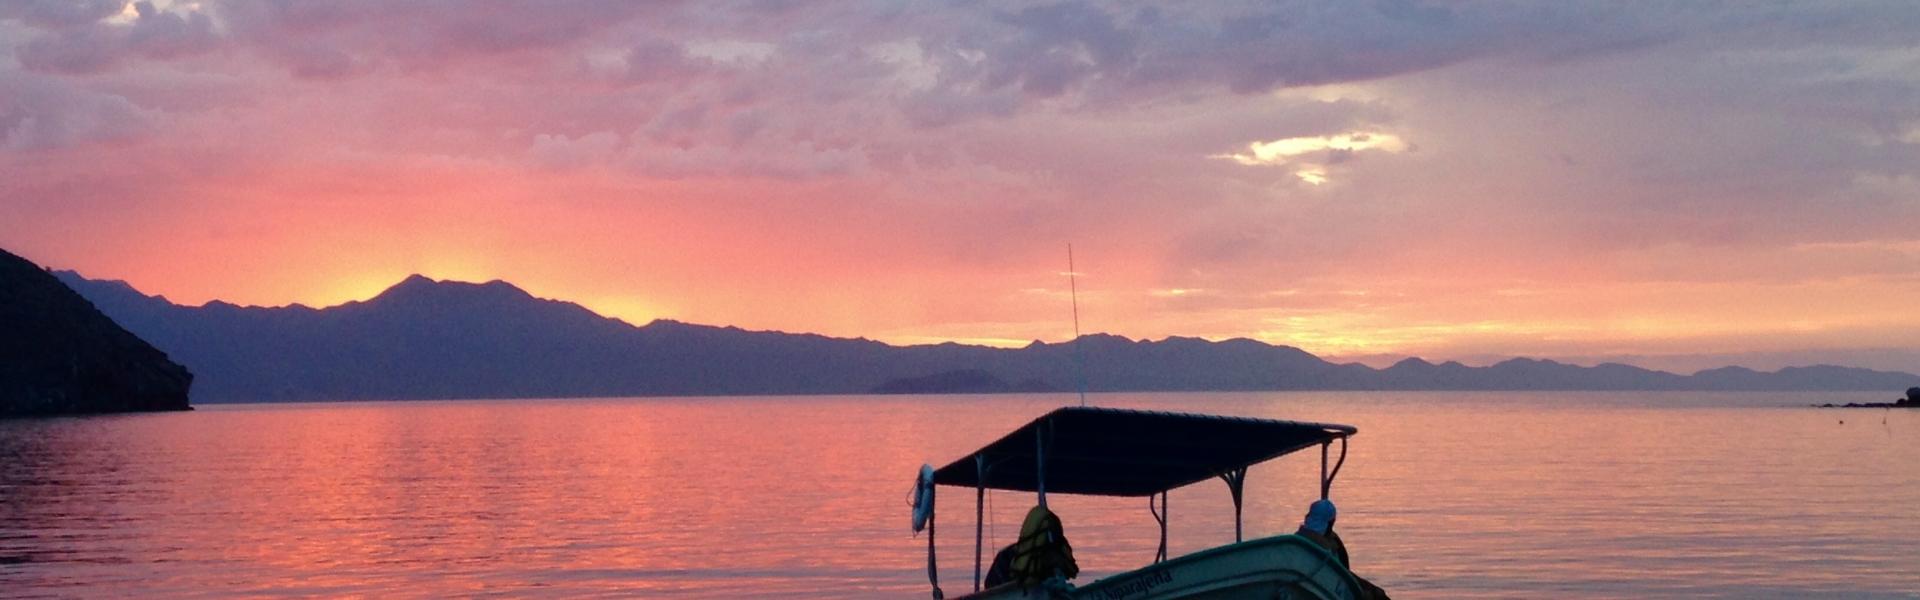 Panga fishing boat on water during sunset